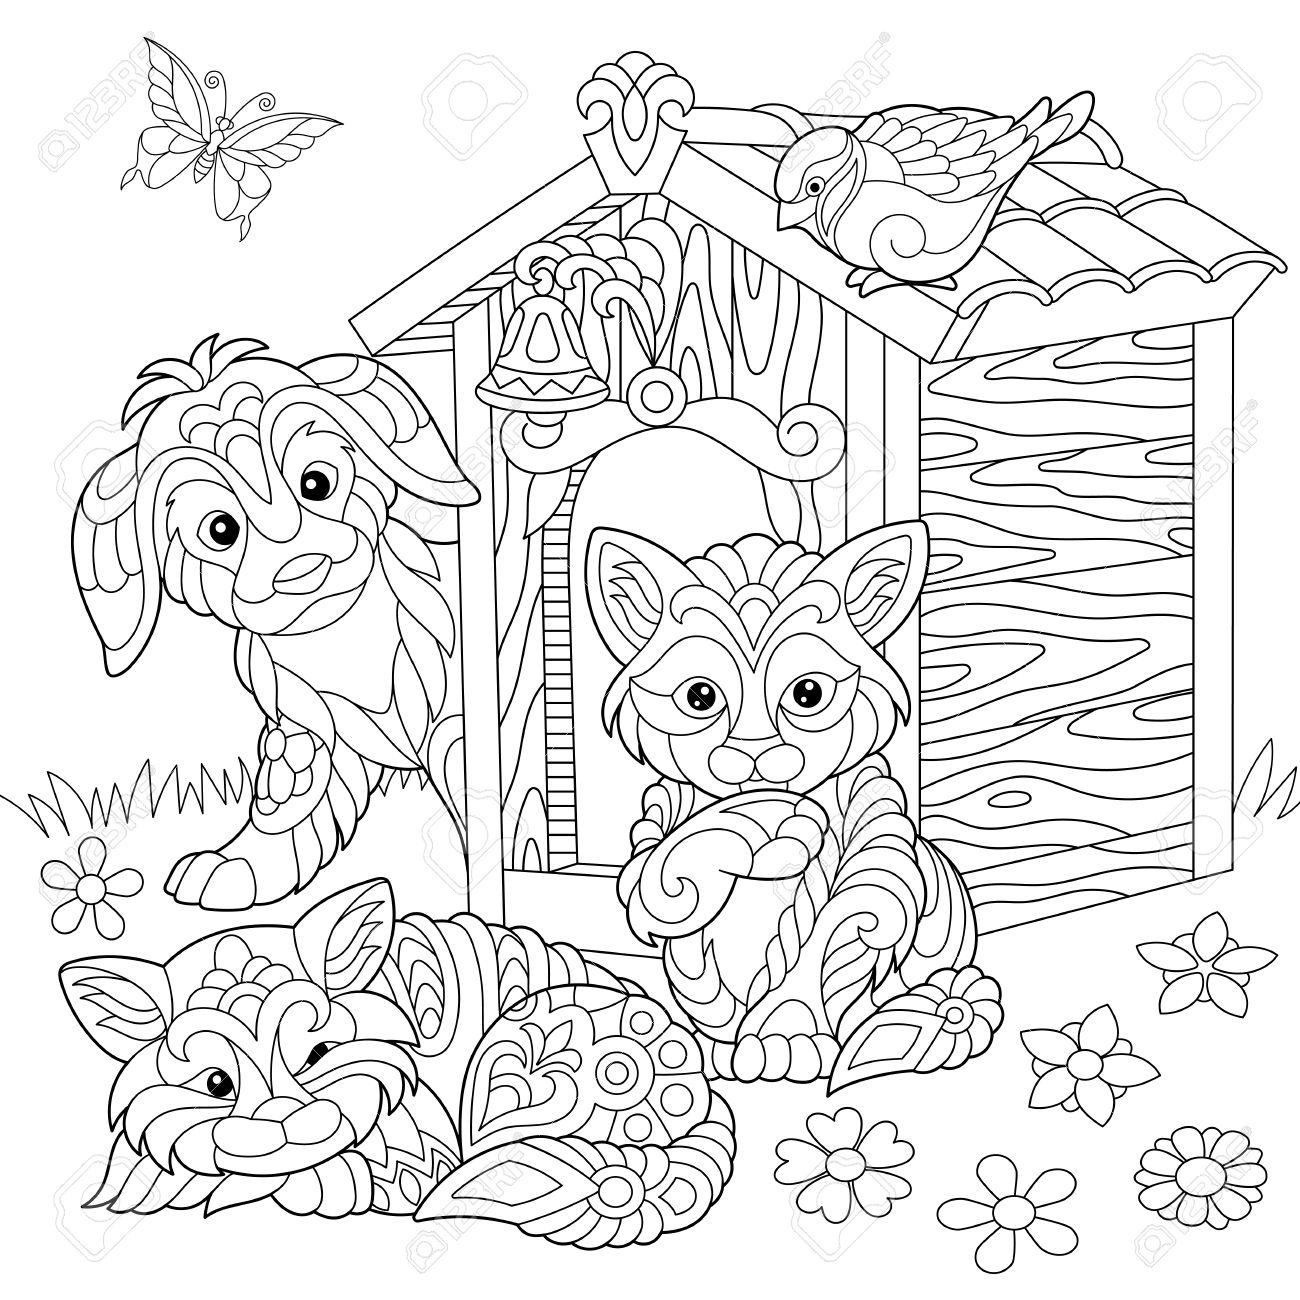 Dibujo Para Colorear De Perro, Dos Gatos, Pájaro Gorrión Y Mariposa ...